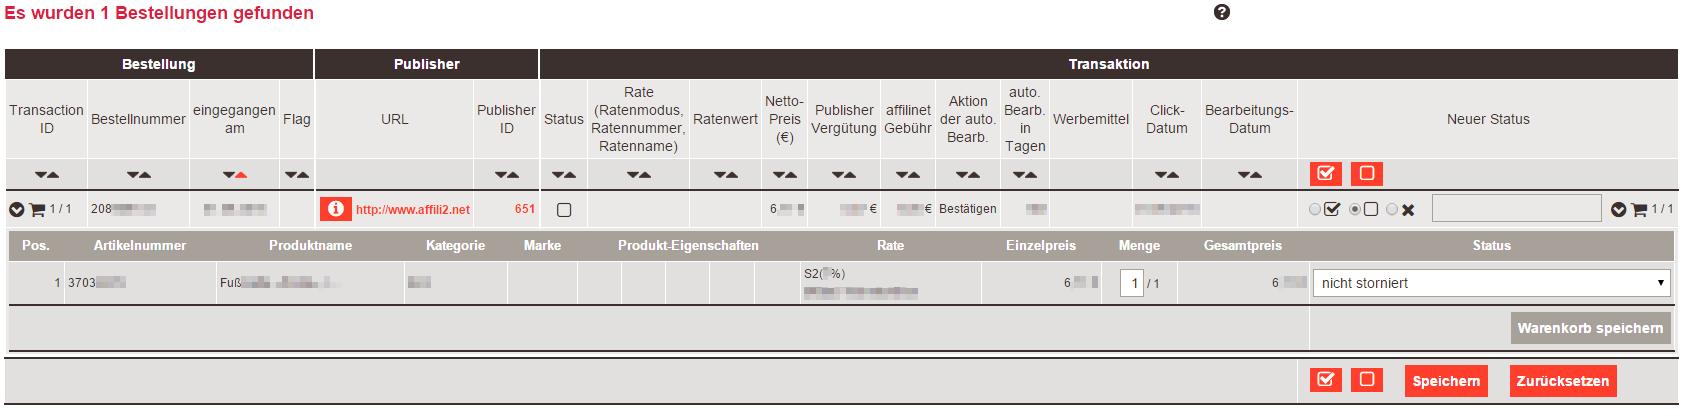 Testbestellung im Netzwerk ueberpruefen -Affilinet